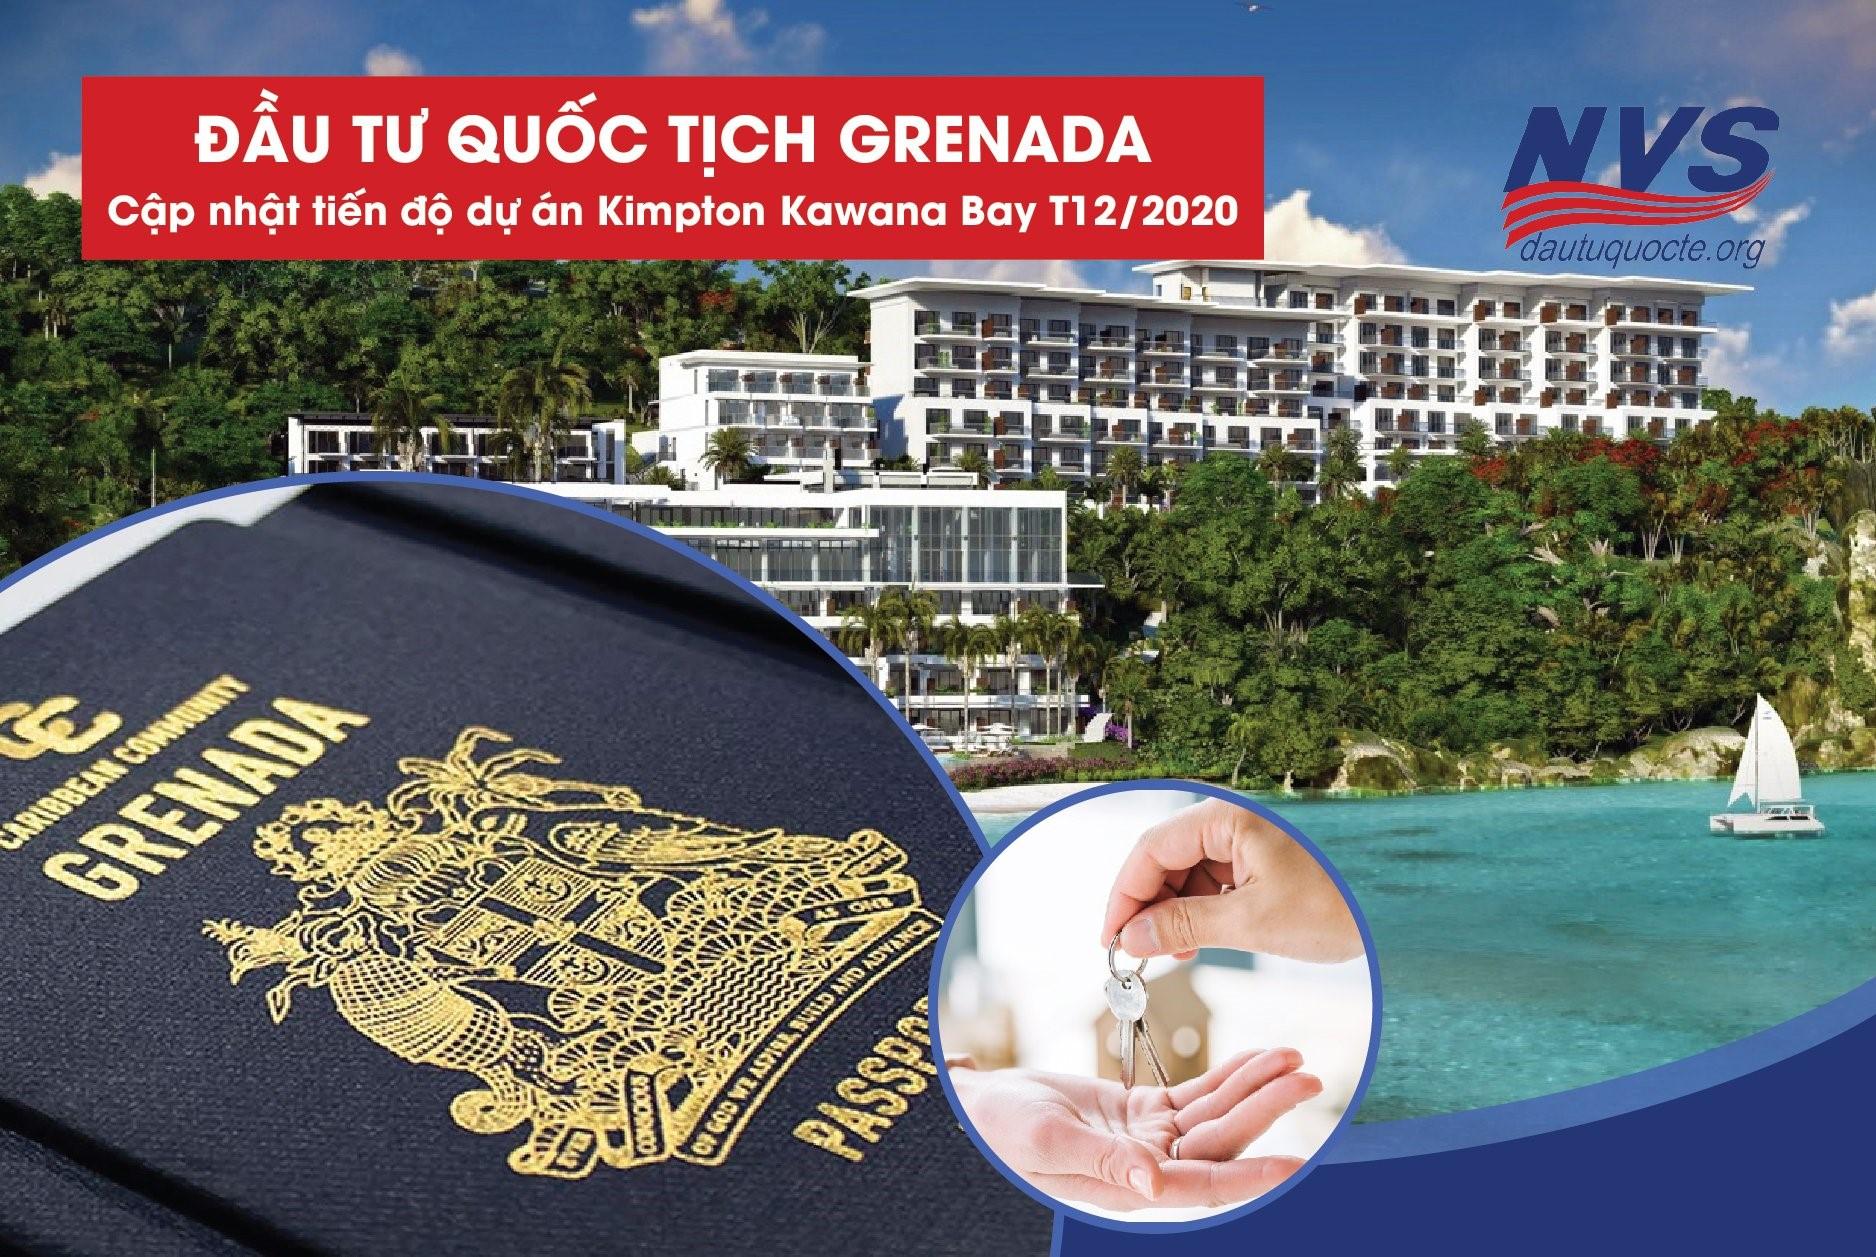 cập nhật tiến độ dự án Kimpton Bay Grenada tháng 12/2020